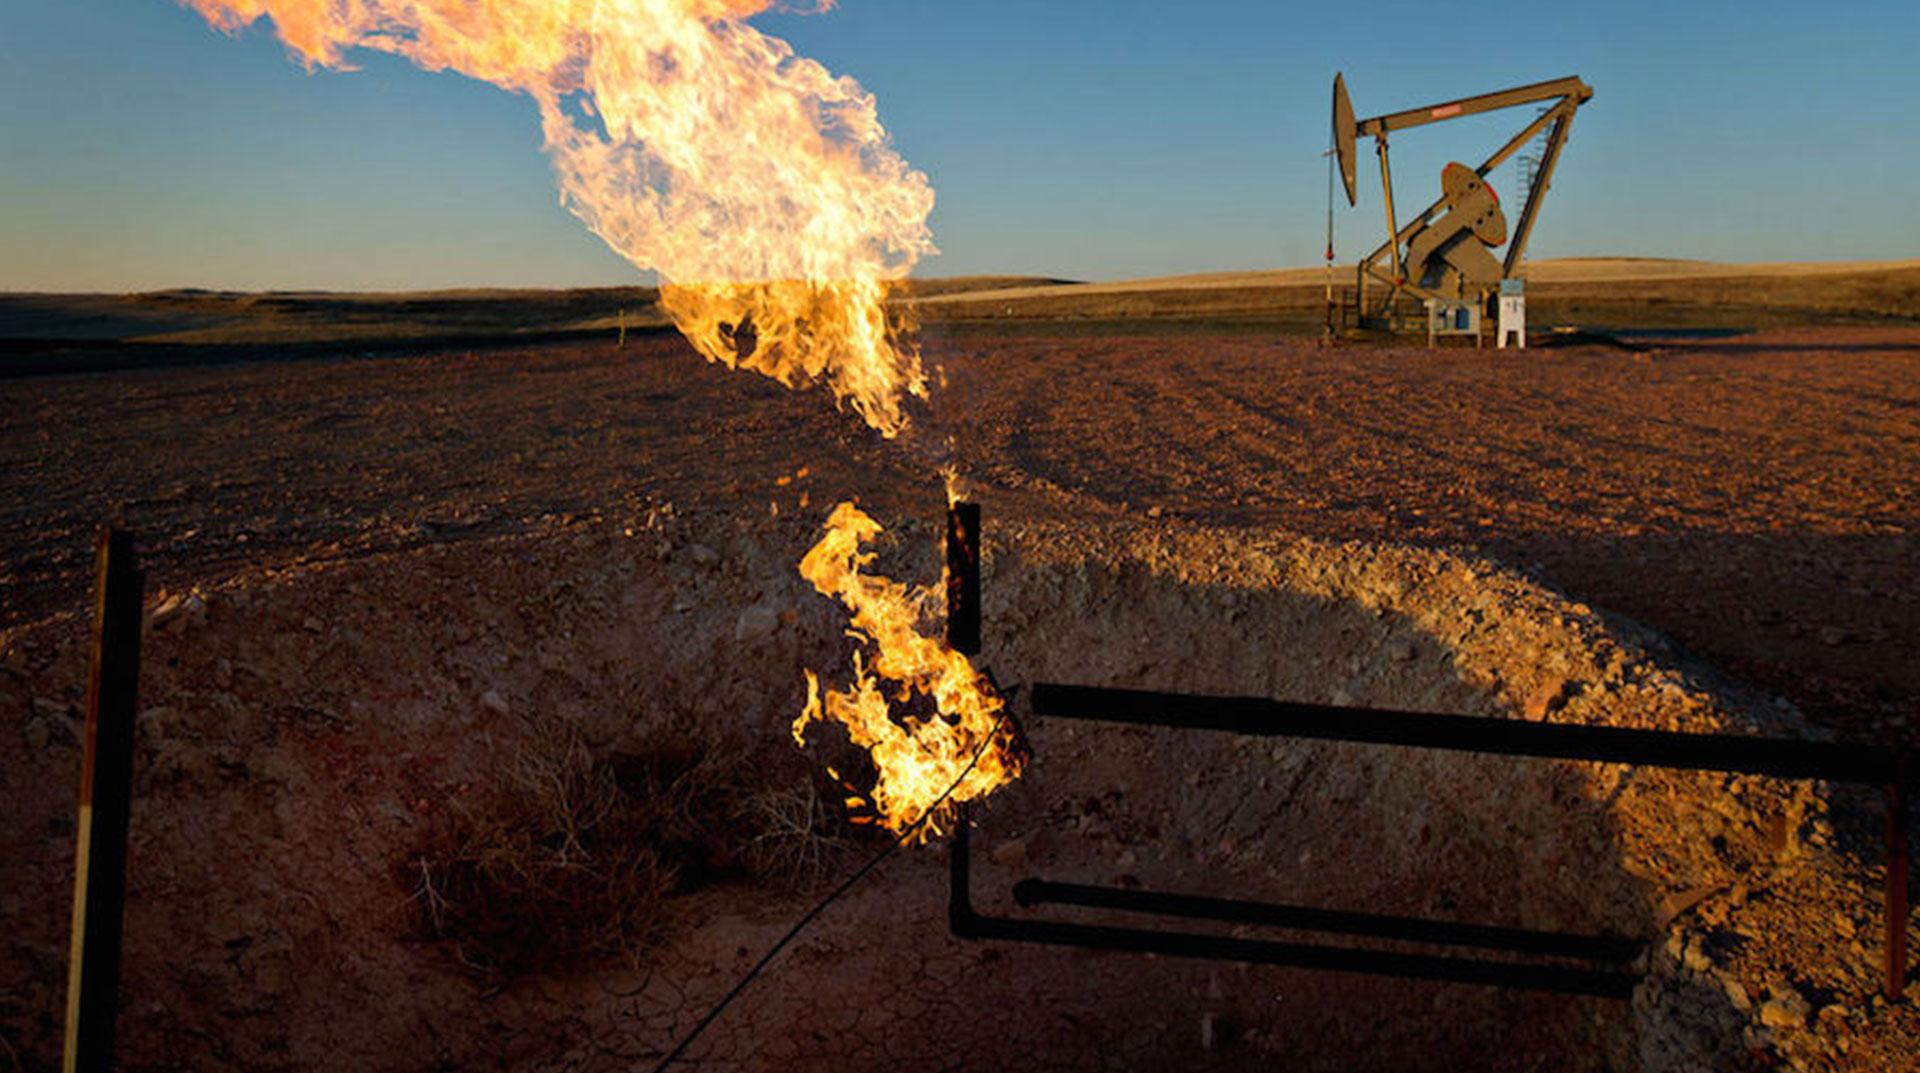 Çin, Doğu Türkistan'da Doğal Gaz Keşfetti